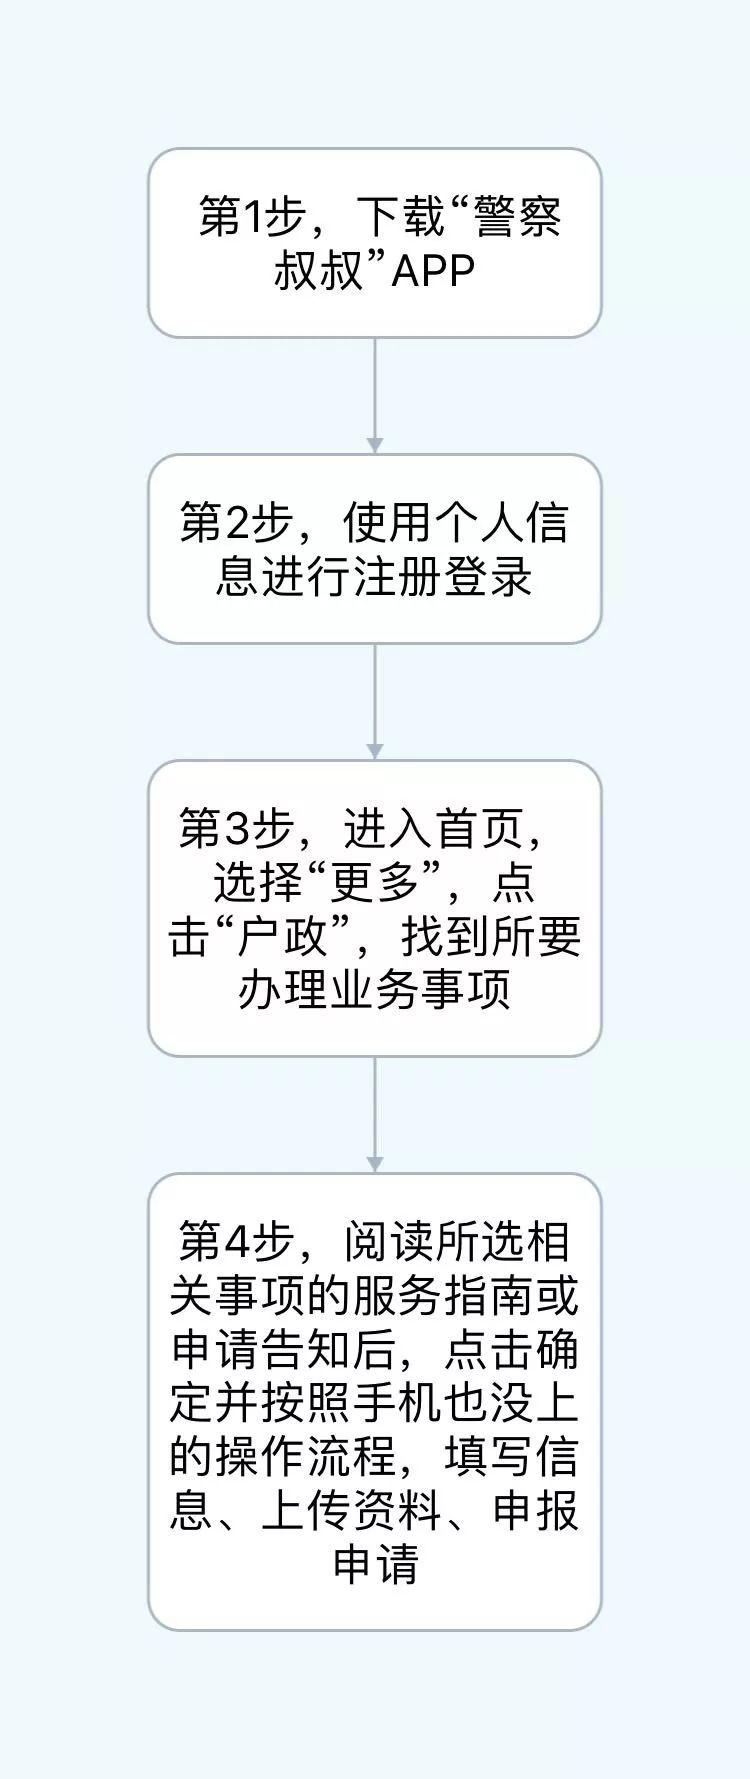 杭州户籍业务手机申报操作指南